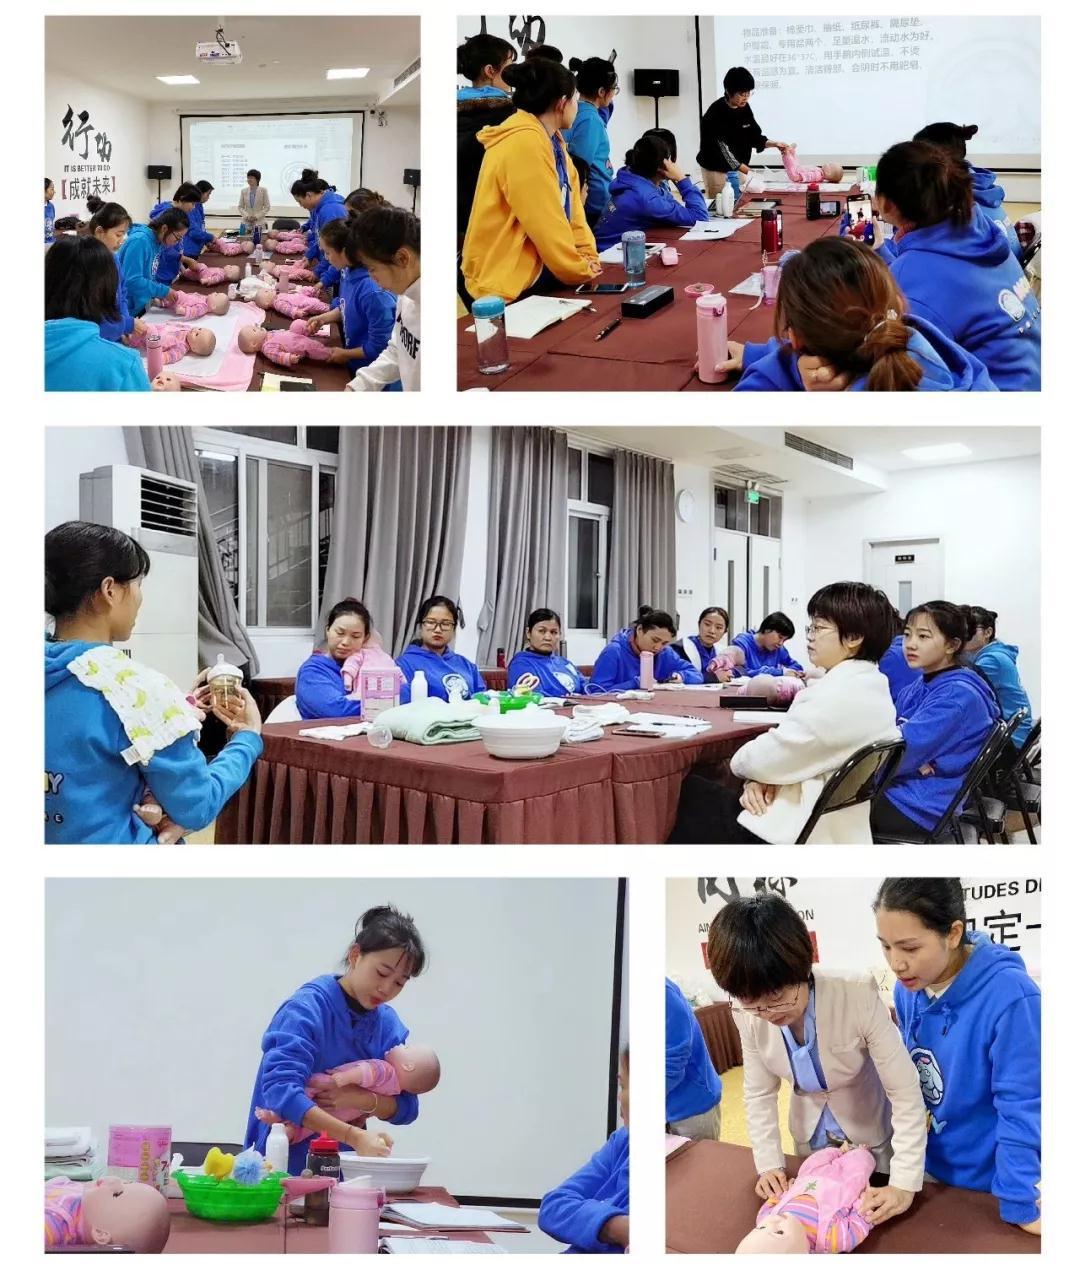 MOMYHOME睦米日托第五期运营管理&育婴师培训圆满结束